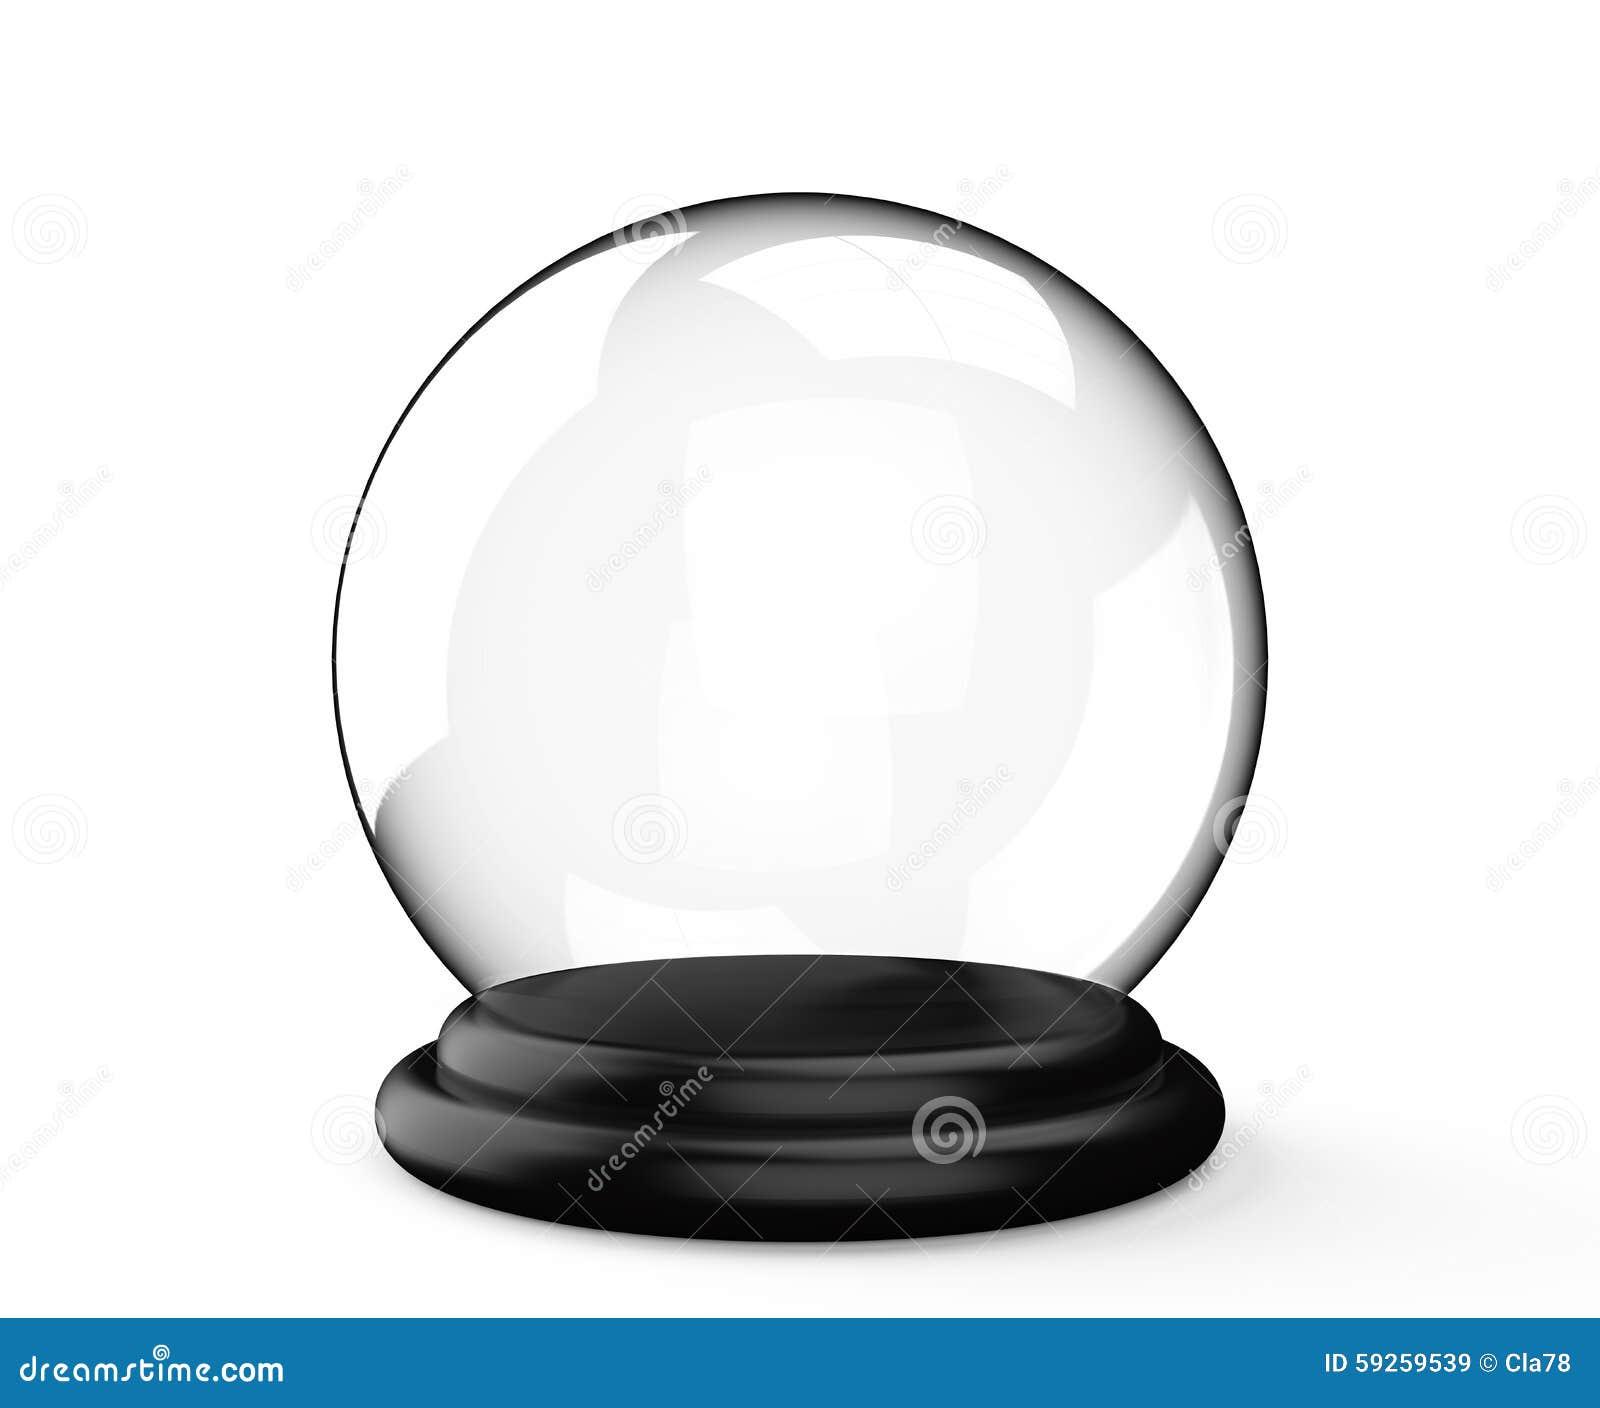 Bola de cristal m gica no fundo branco imagem de stock - Bolas de cristal personalizadas ...